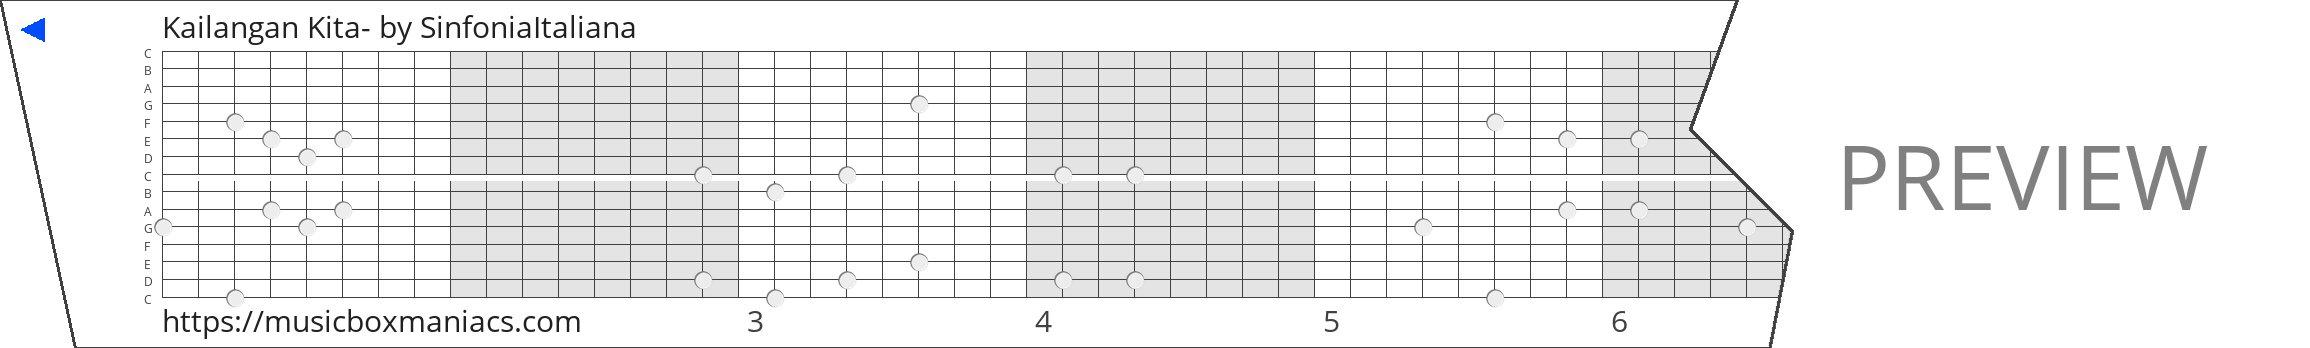 Kailangan Kita- 15 note music box paper strip